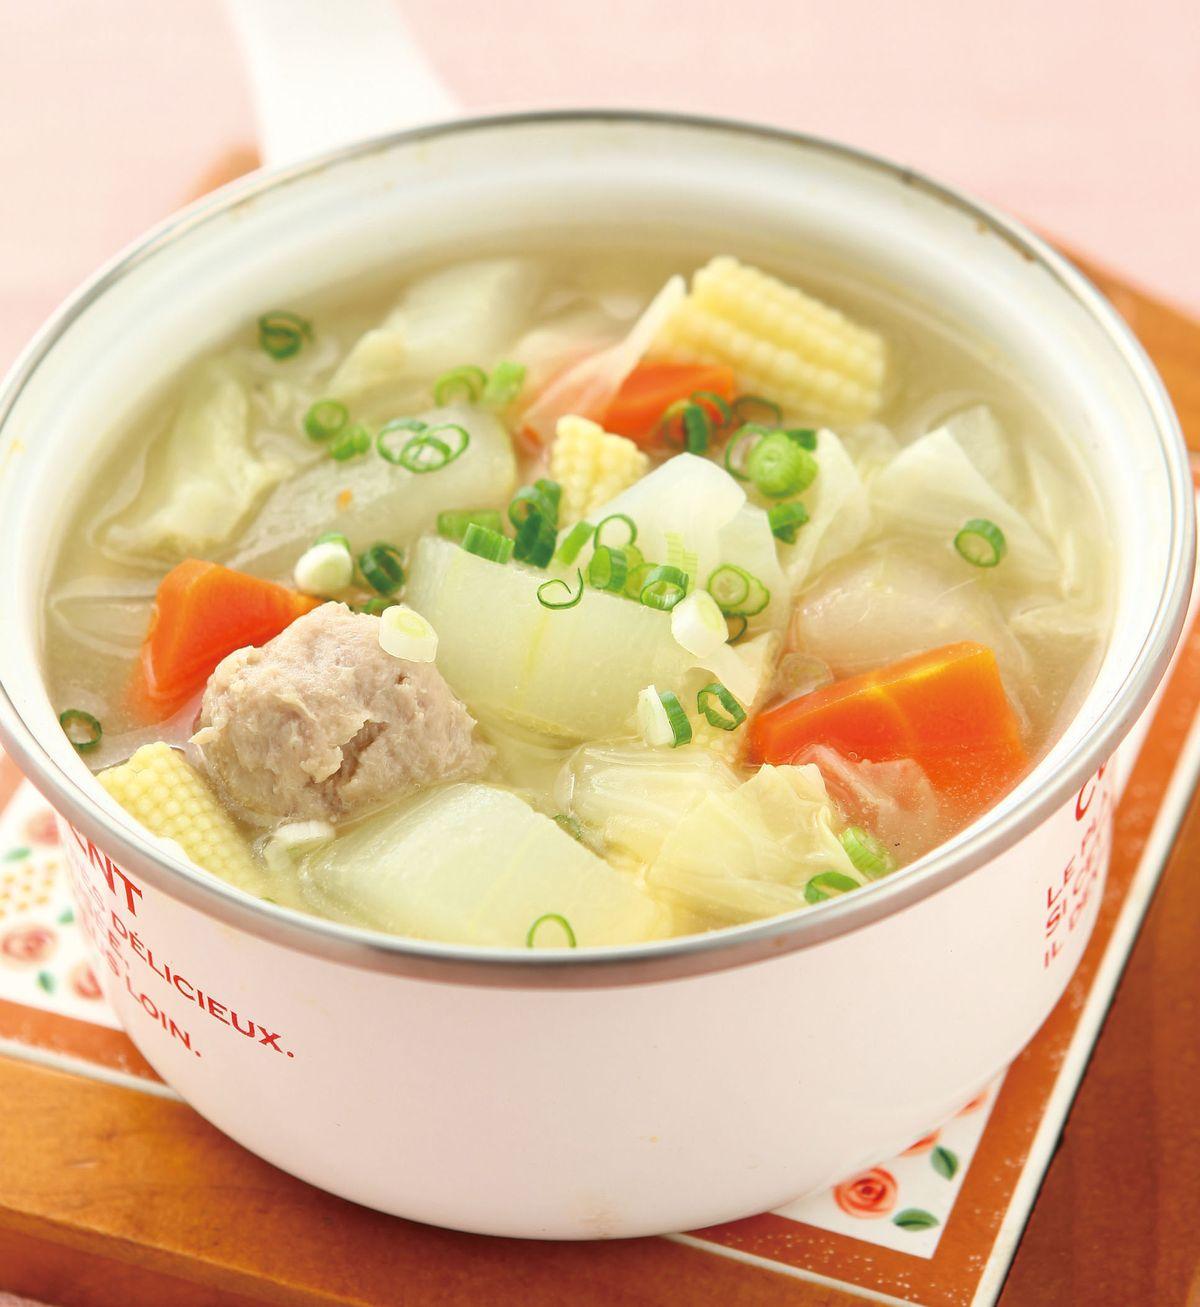 食譜:大黃瓜湯